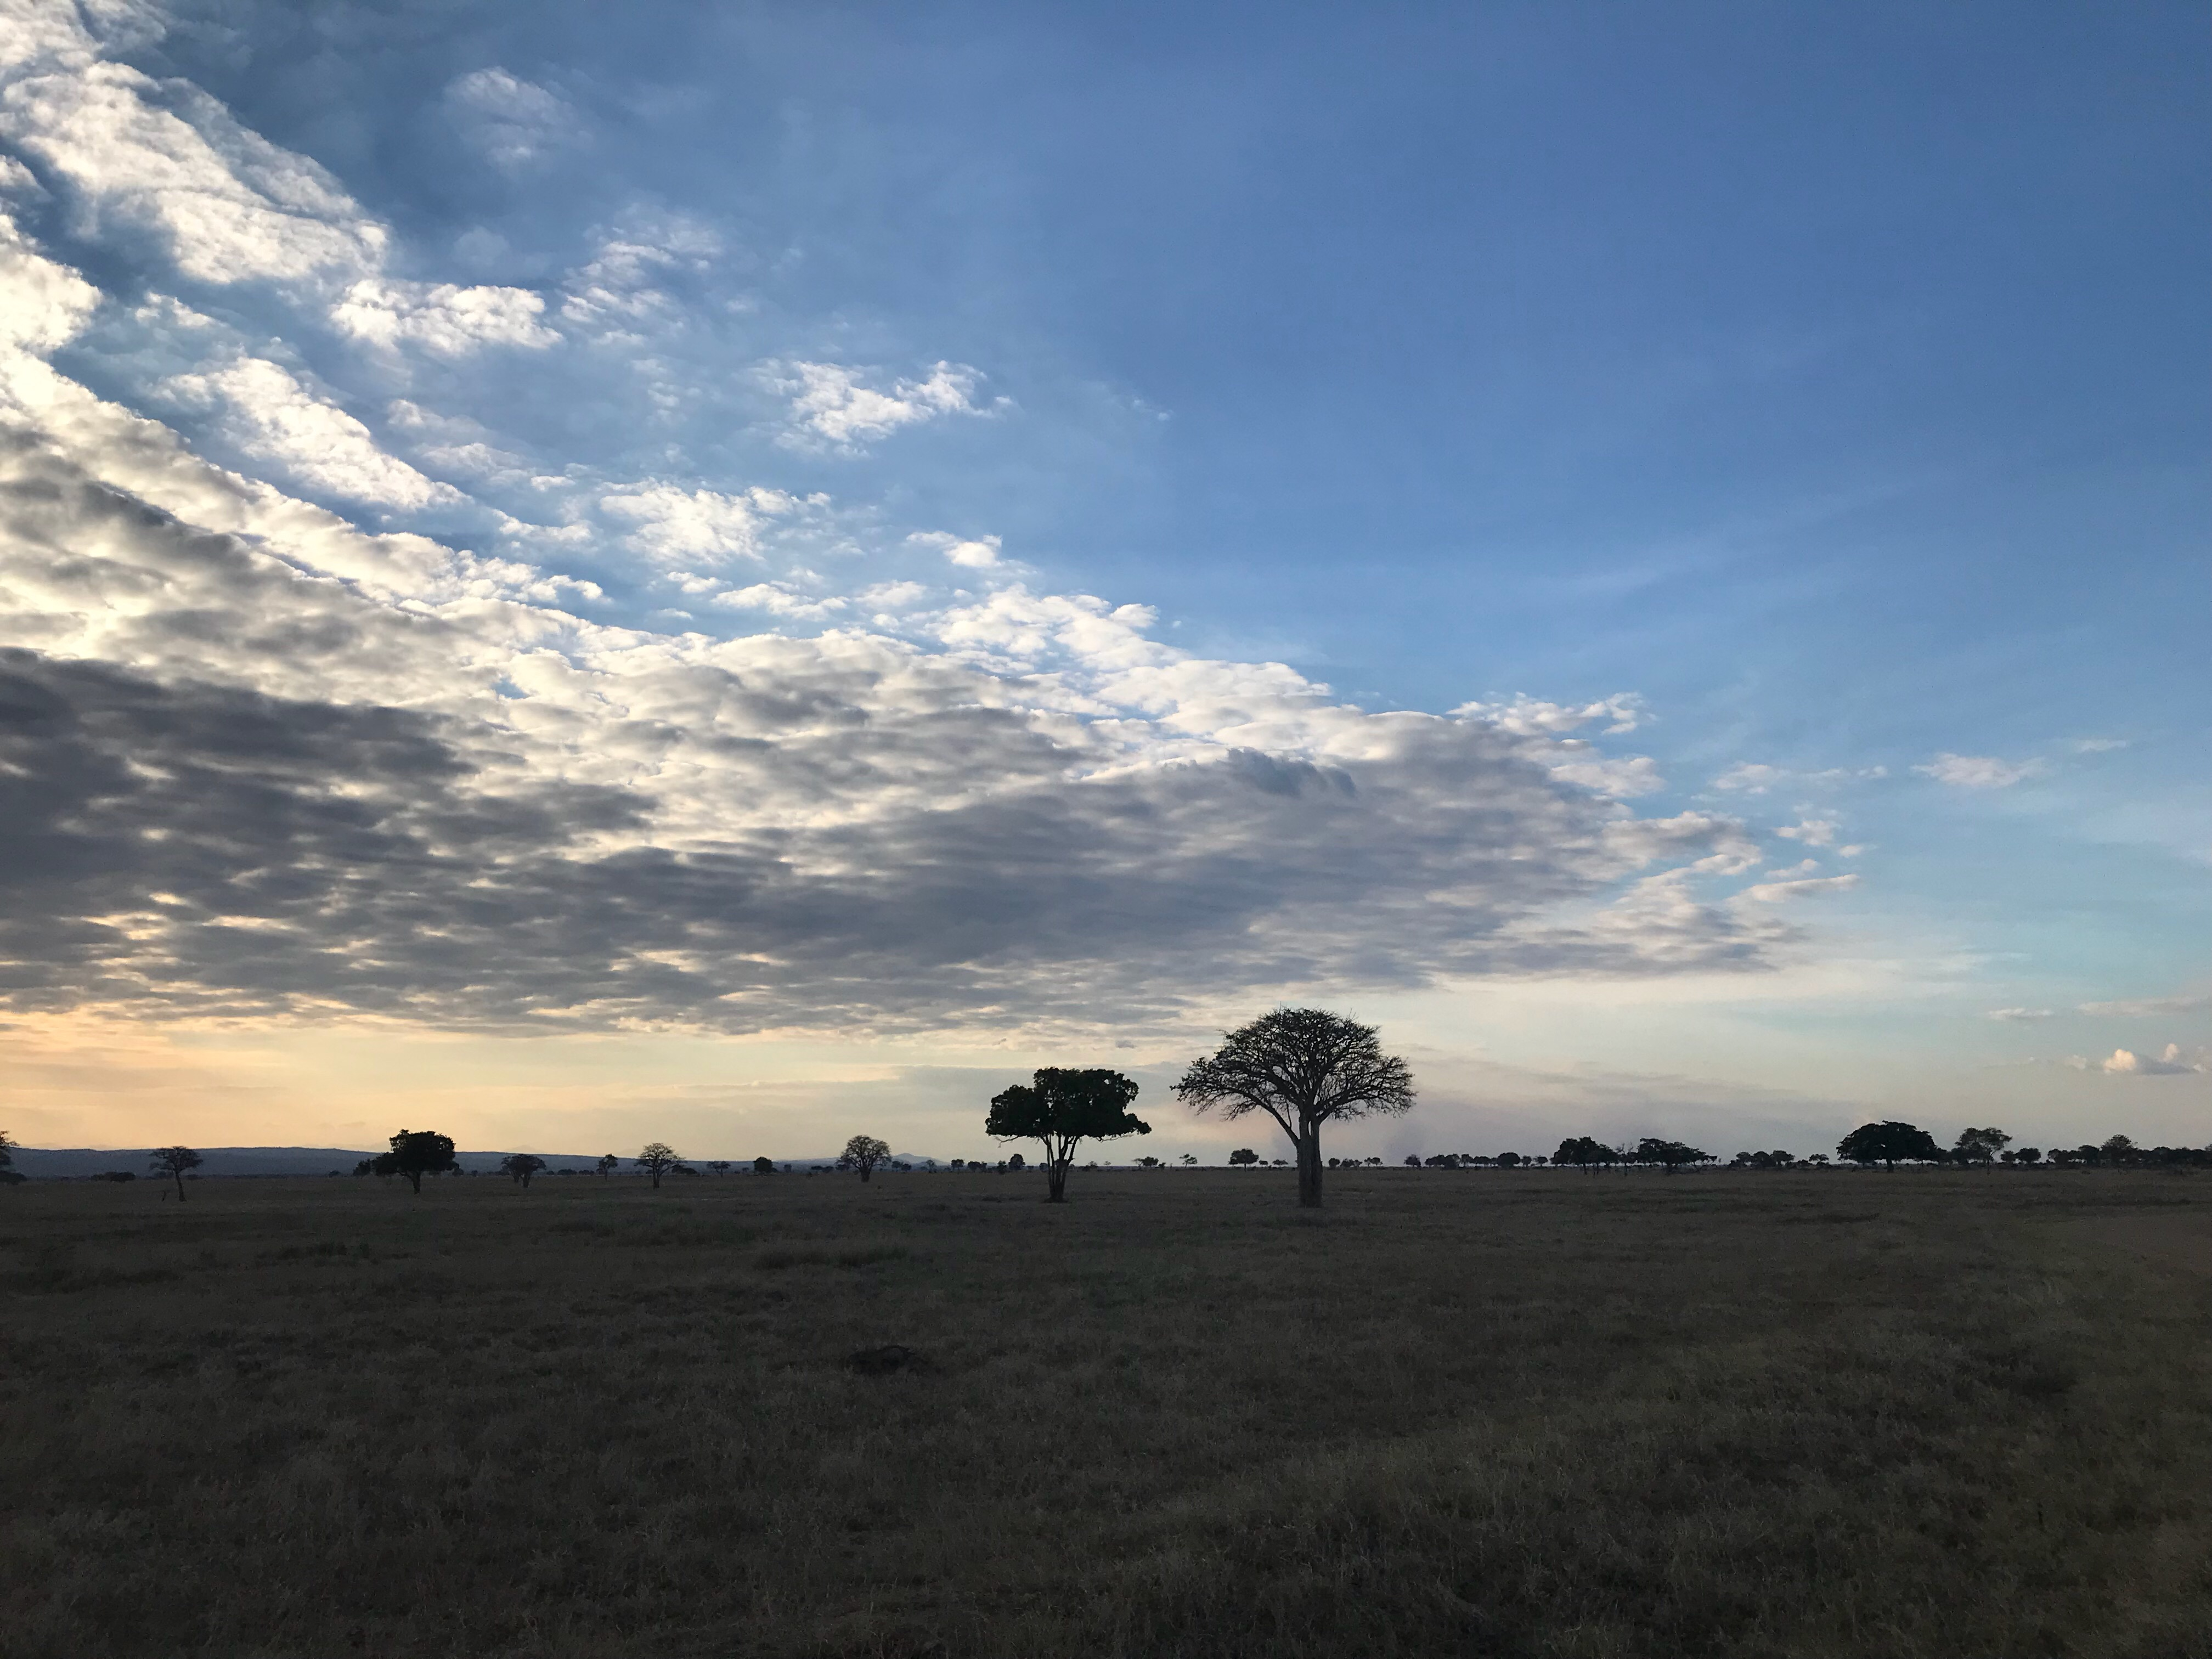 アフリカ旅行へは、防寒具が必須です!   アフリカより辛い日本の夏